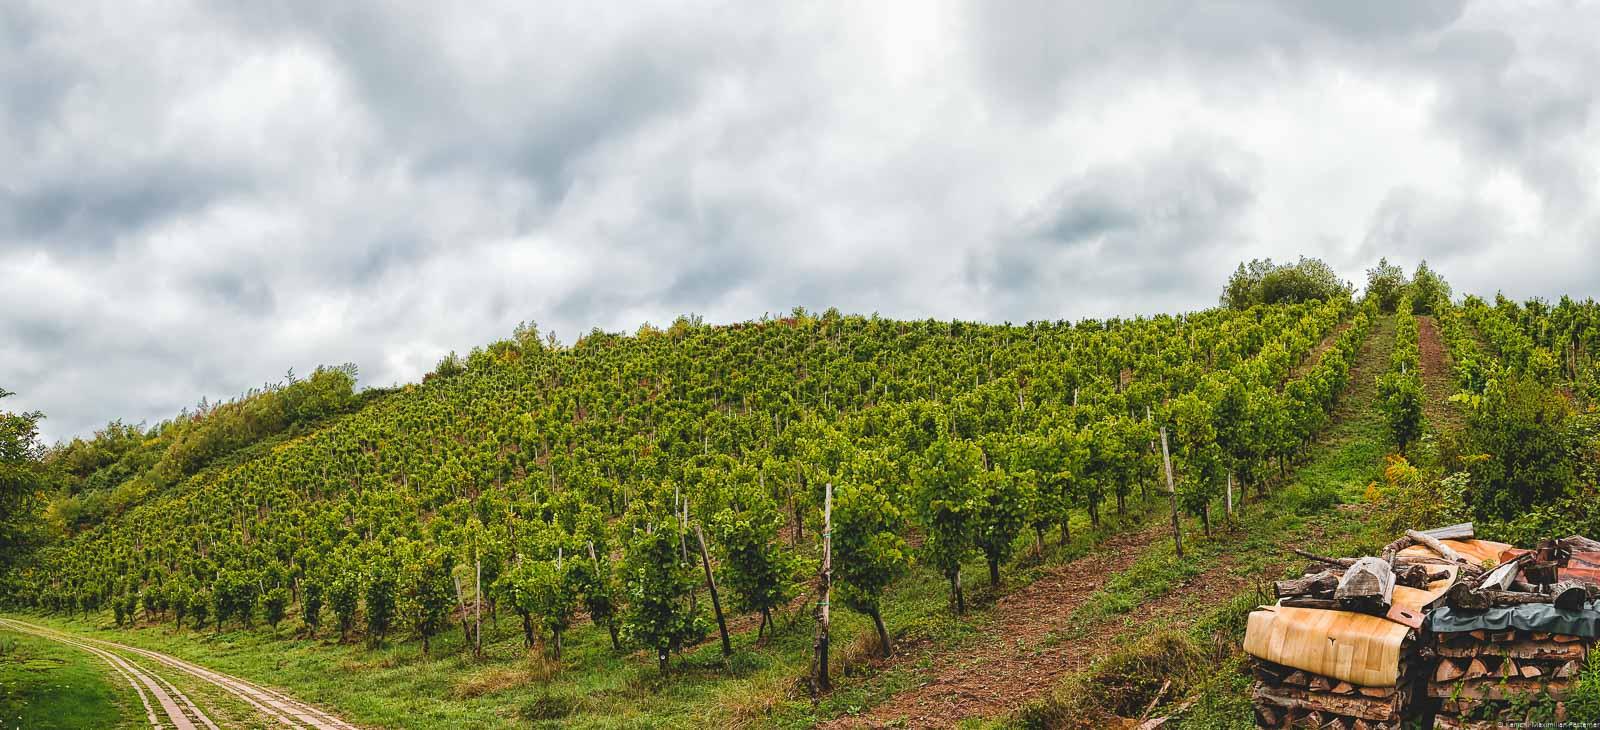 Durch einen kleinen Feldweg wird der Weinberg Mertesdorfer Herrenberg von Mertesdorf getrennt